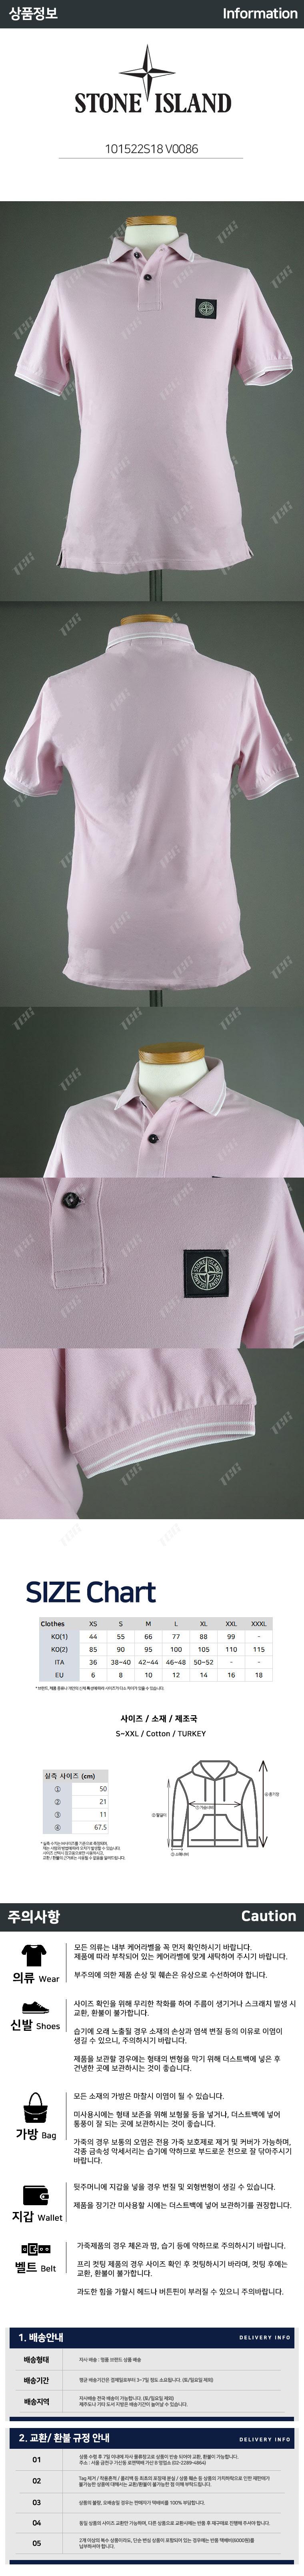 스톤아일랜드 101522S18 V0086 비안코 폴로 티셔츠 T19C116